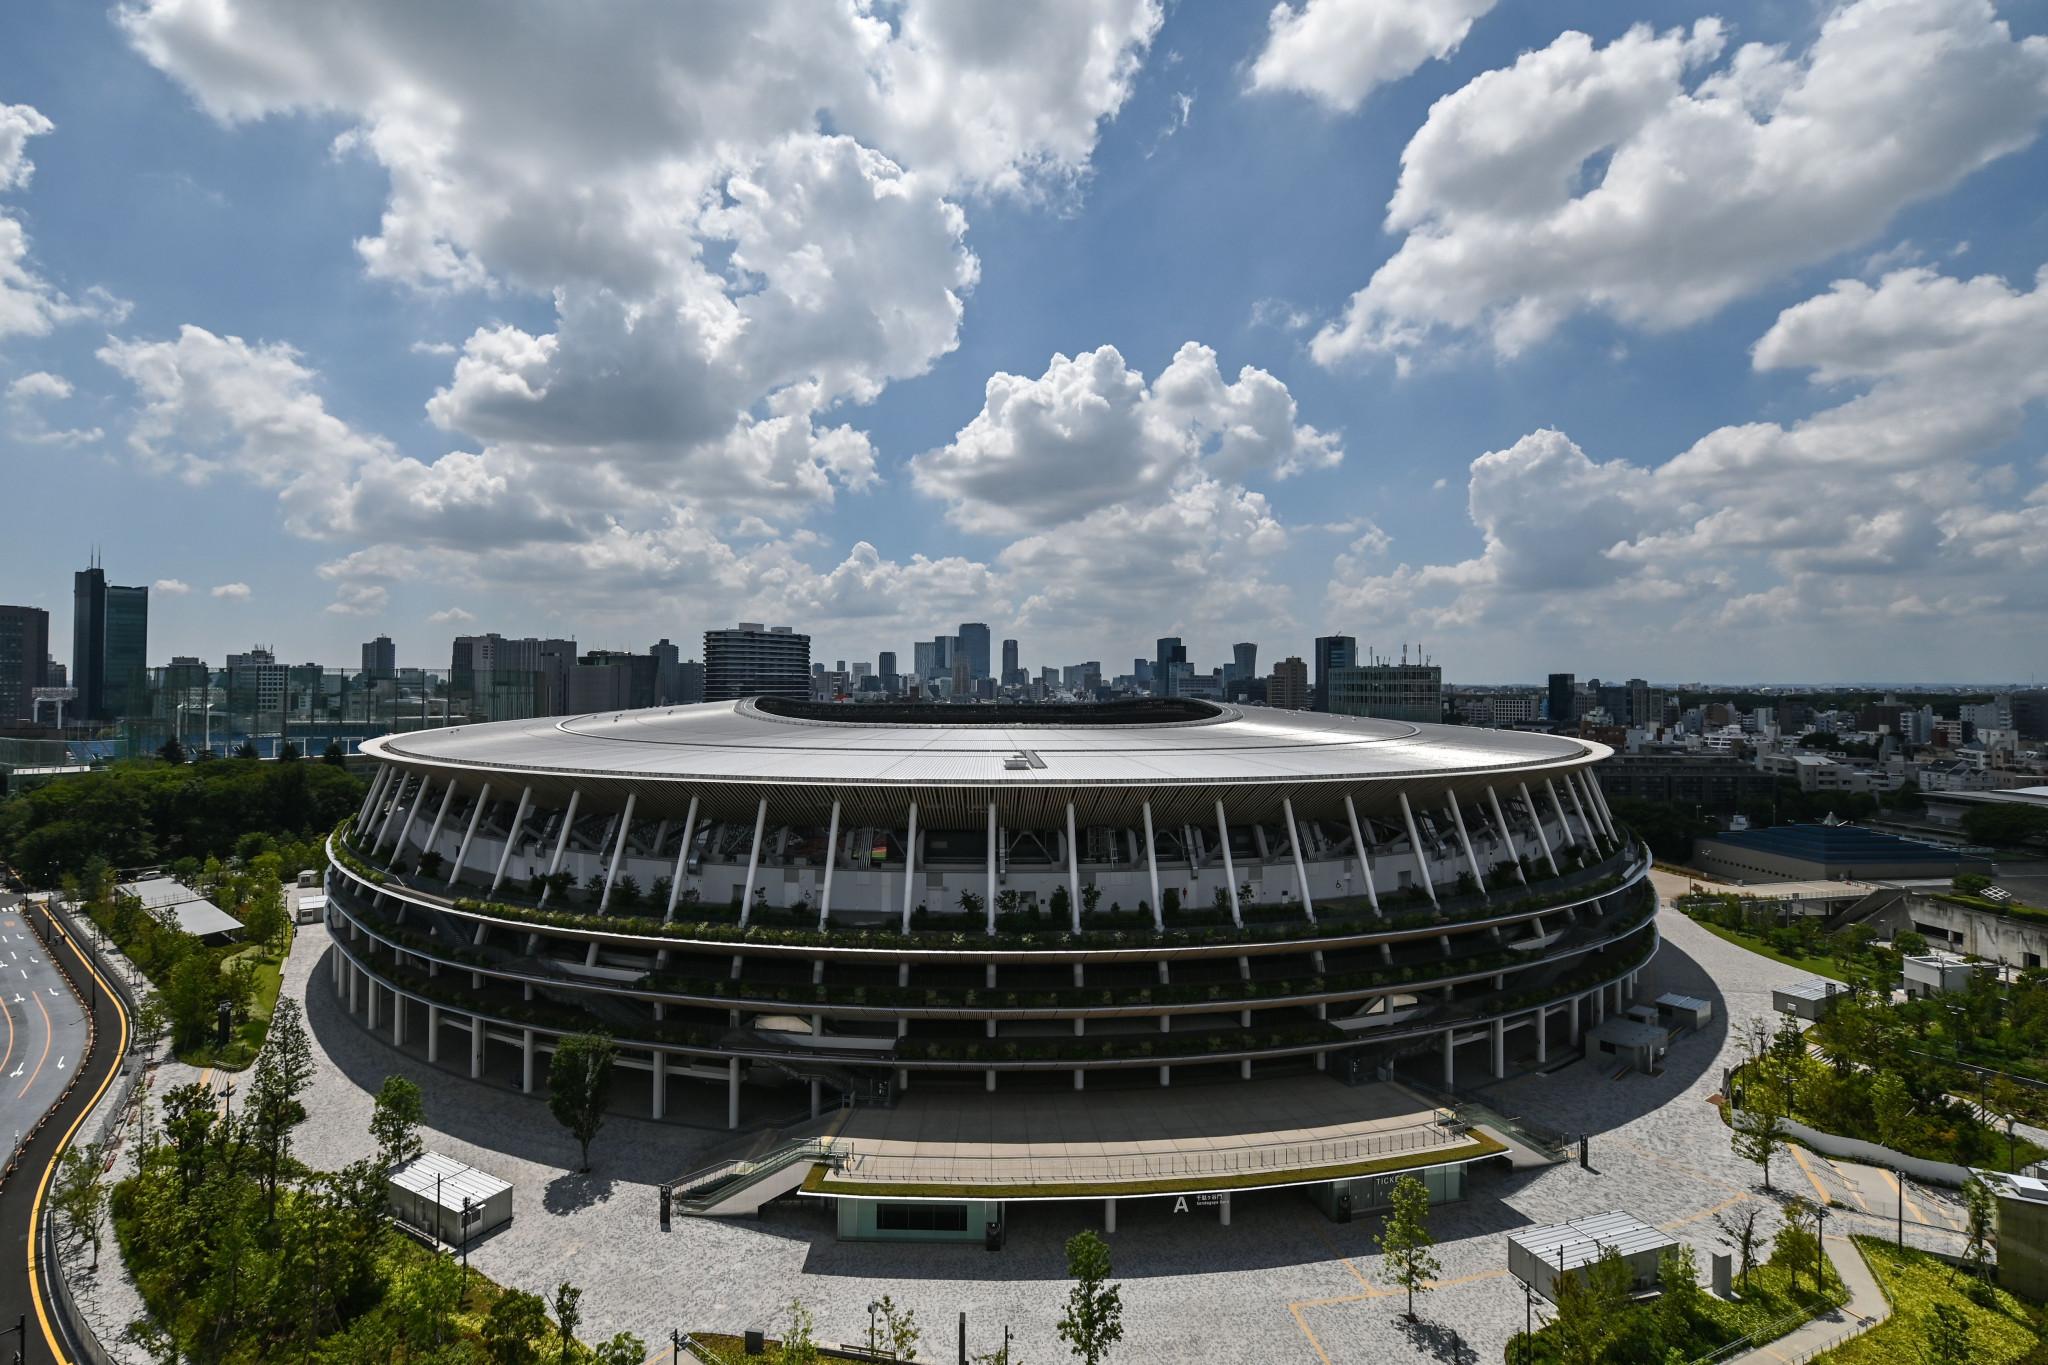 Prueba de Tokio 2020 se reanudarán con los espectadores